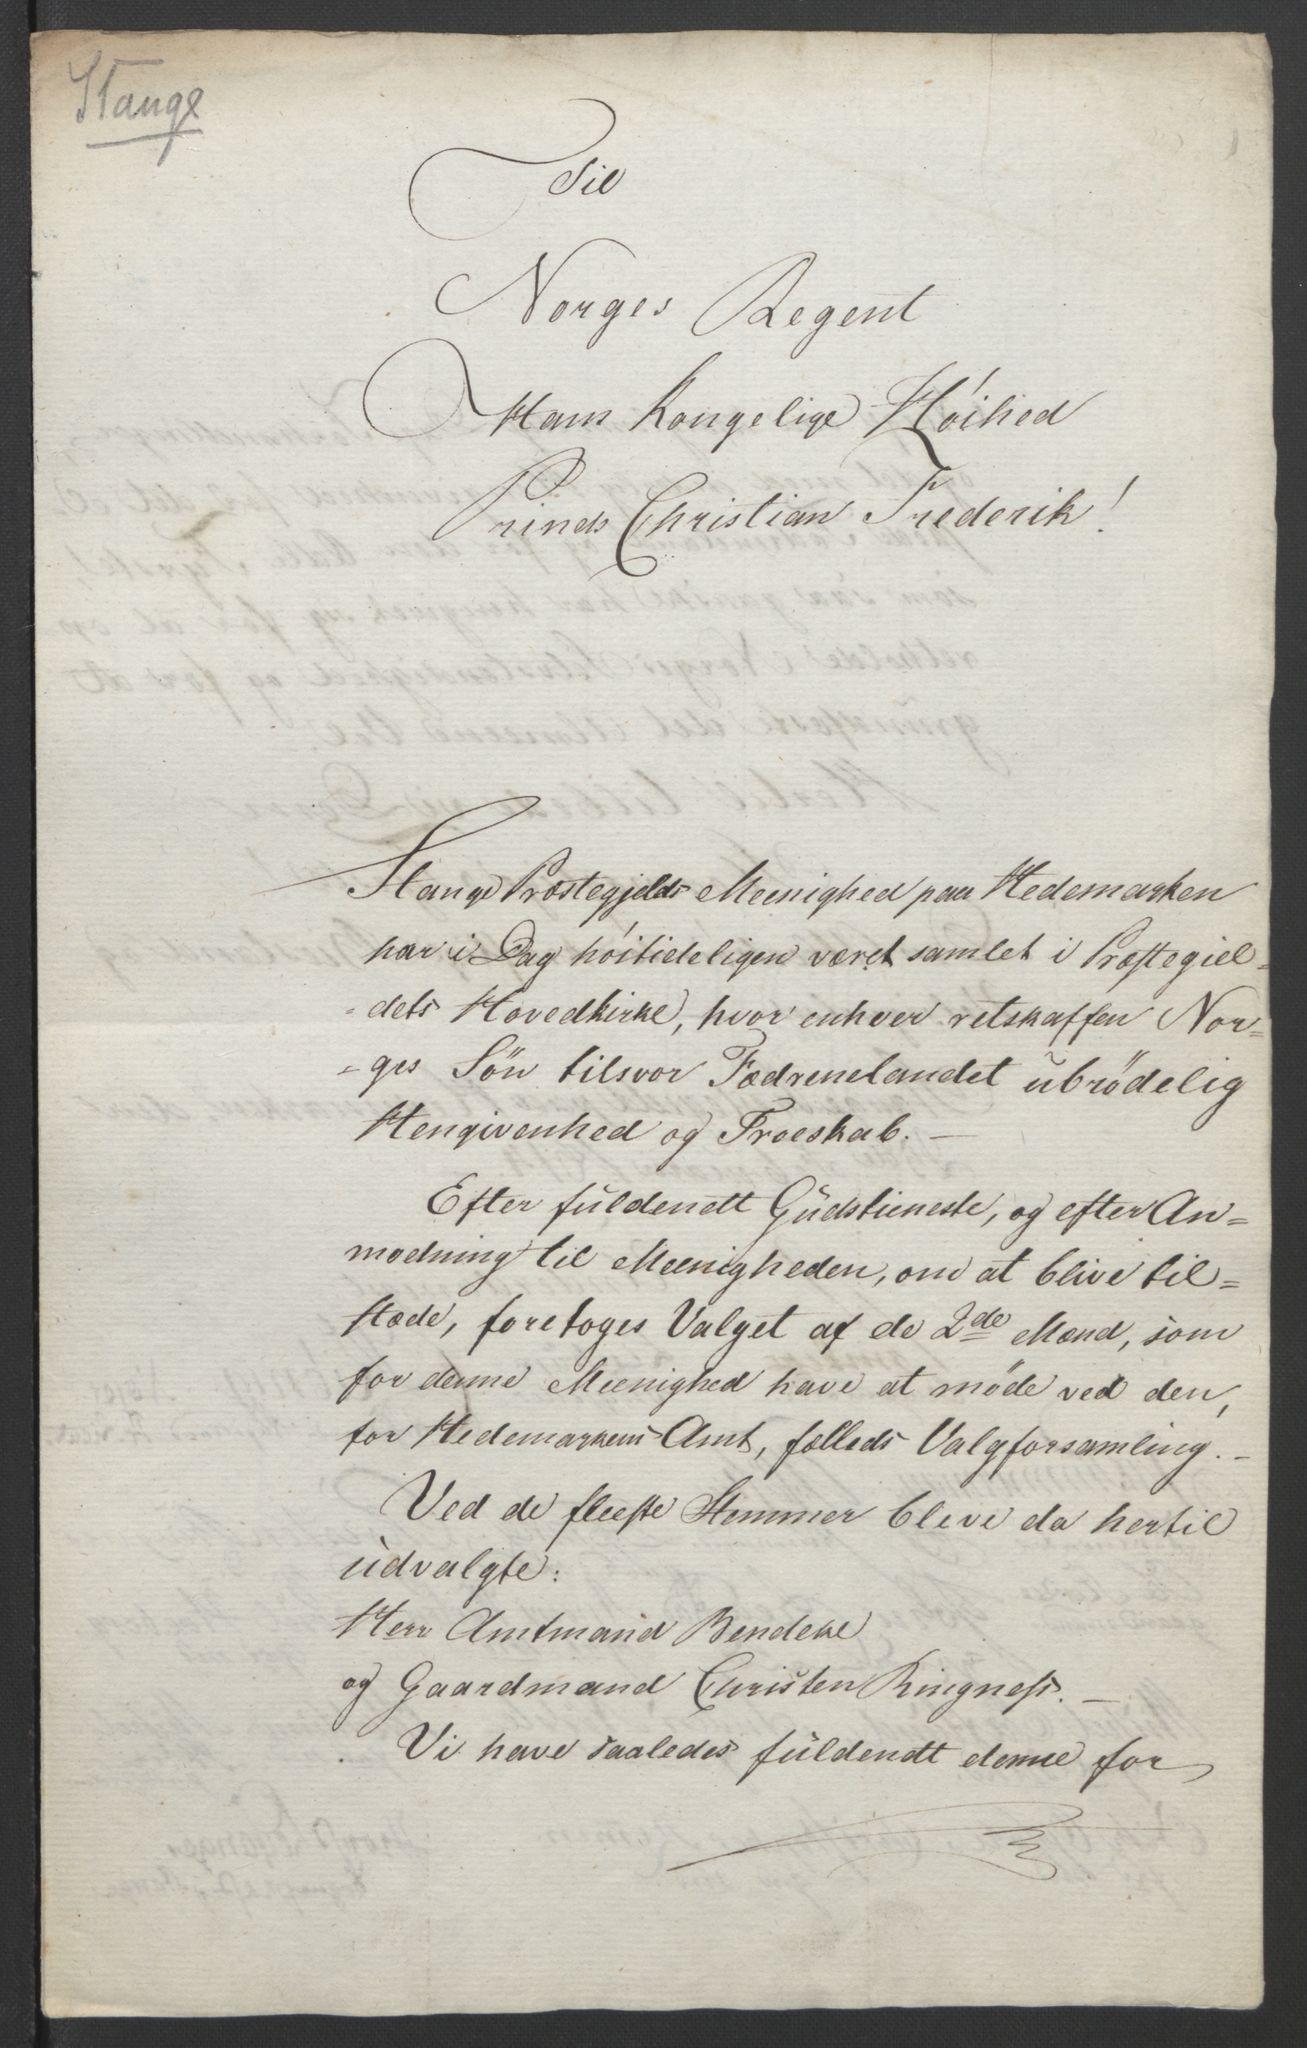 RA, Statsrådssekretariatet, D/Db/L0007: Fullmakter for Eidsvollsrepresentantene i 1814. , 1814, s. 238